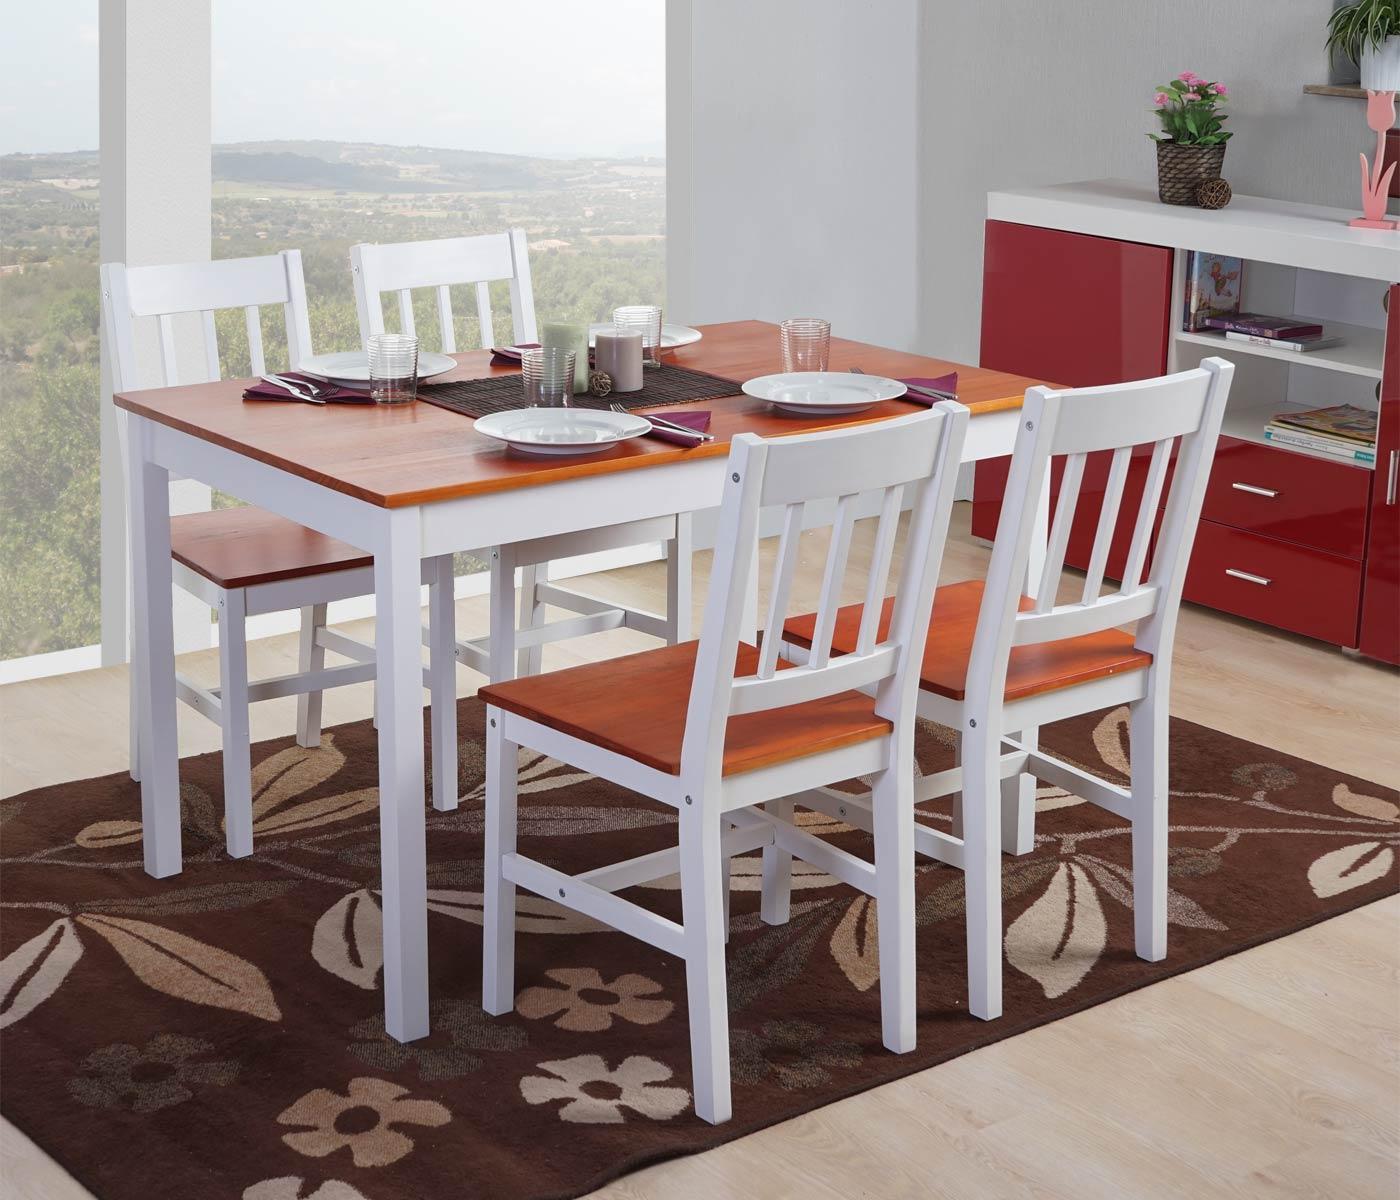 Conjunto mesa 4 sillas de cocina o comedor nerja en - Sillas madera cocina ...